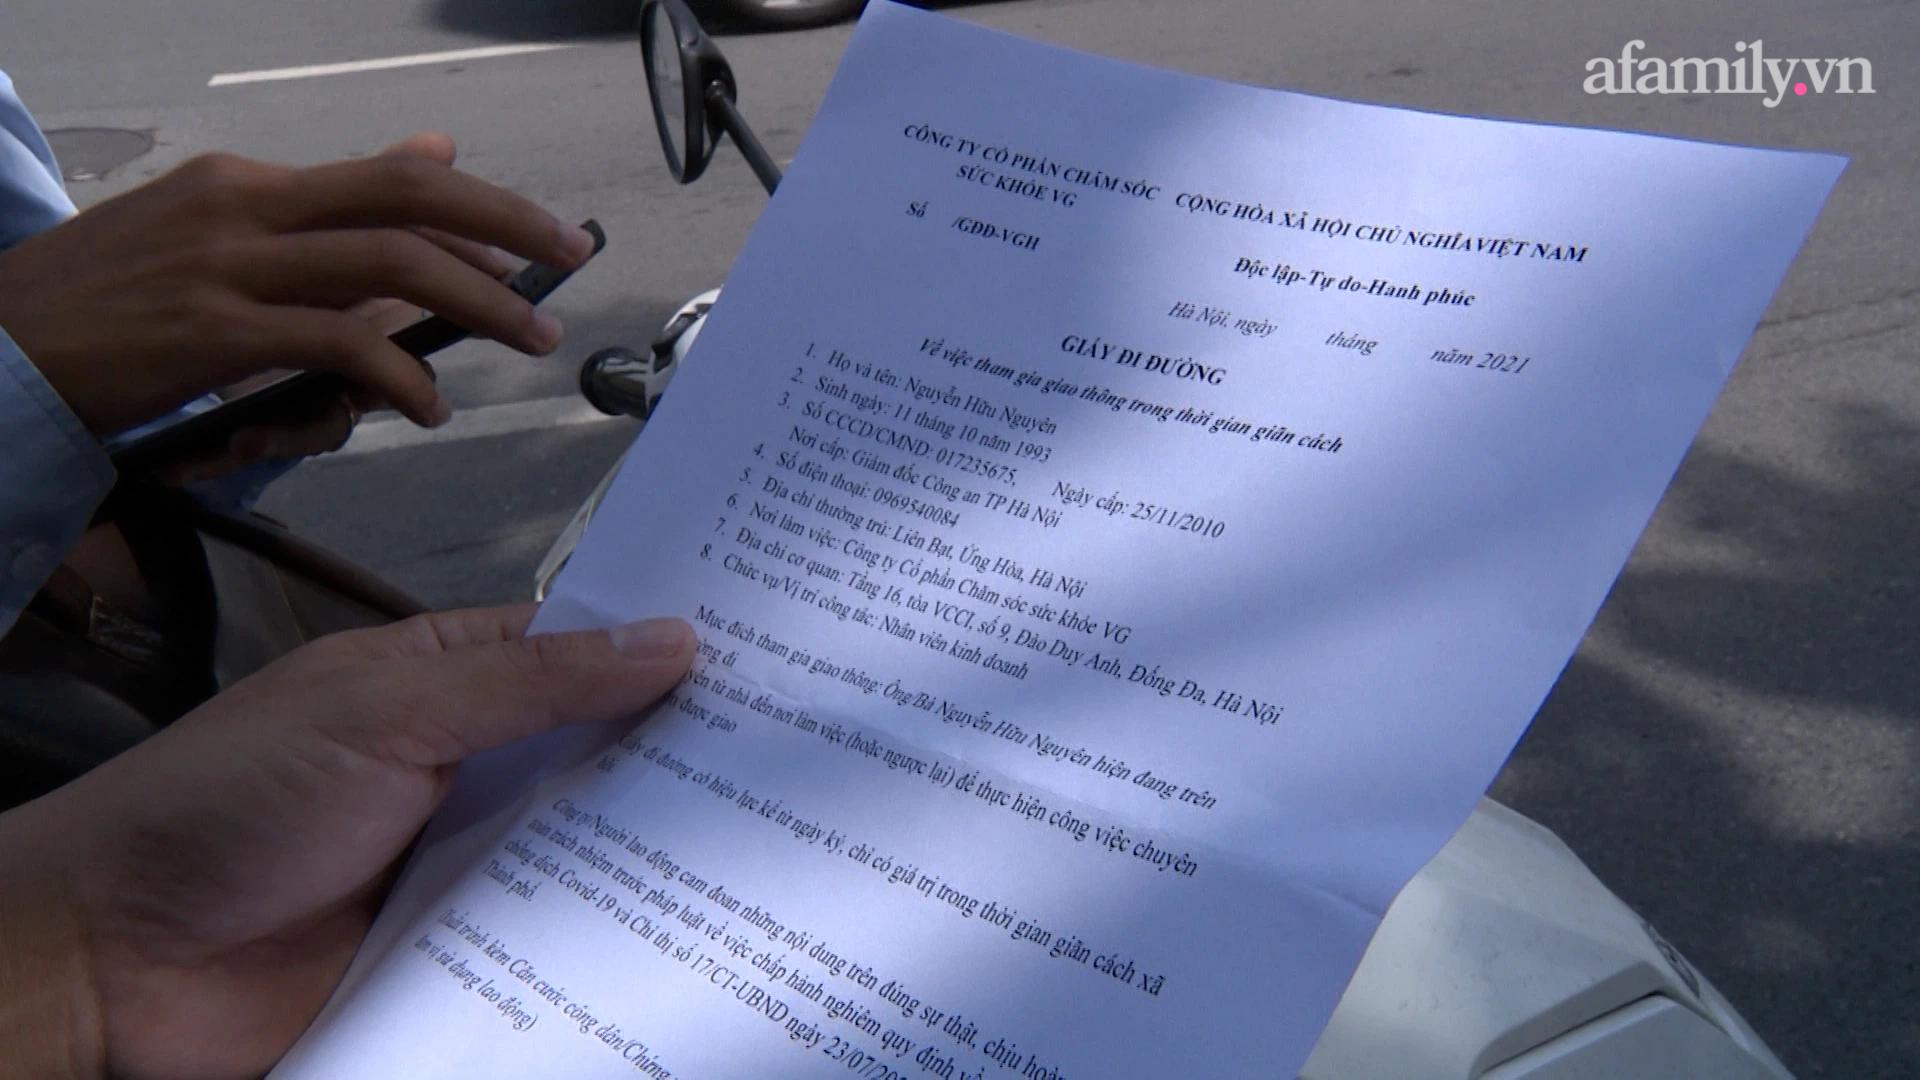 Một nam thanh niên dùng giấy tờ không ghi rõ ngày, tháng